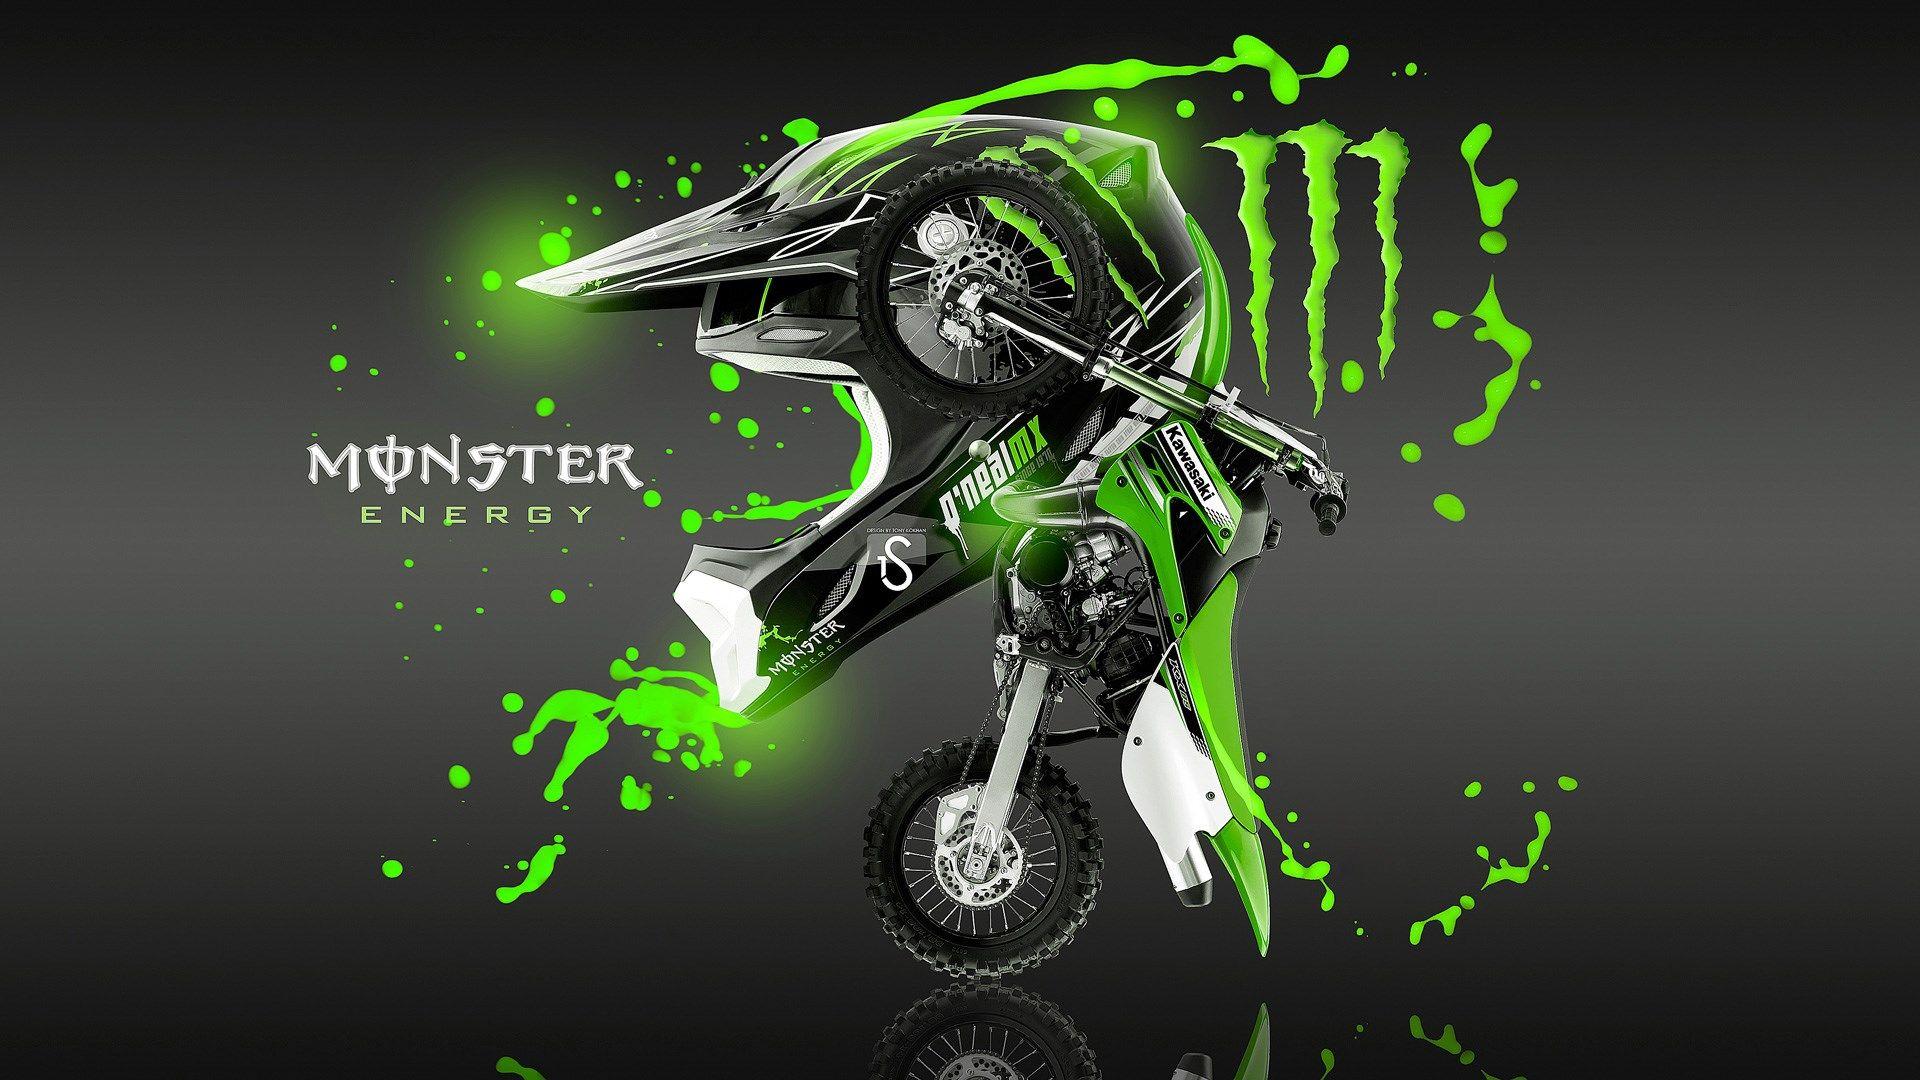 Kawasaki Dirt Bike Monster Energy Wallpaper Hd Monster Energy Monster Cool Monsters